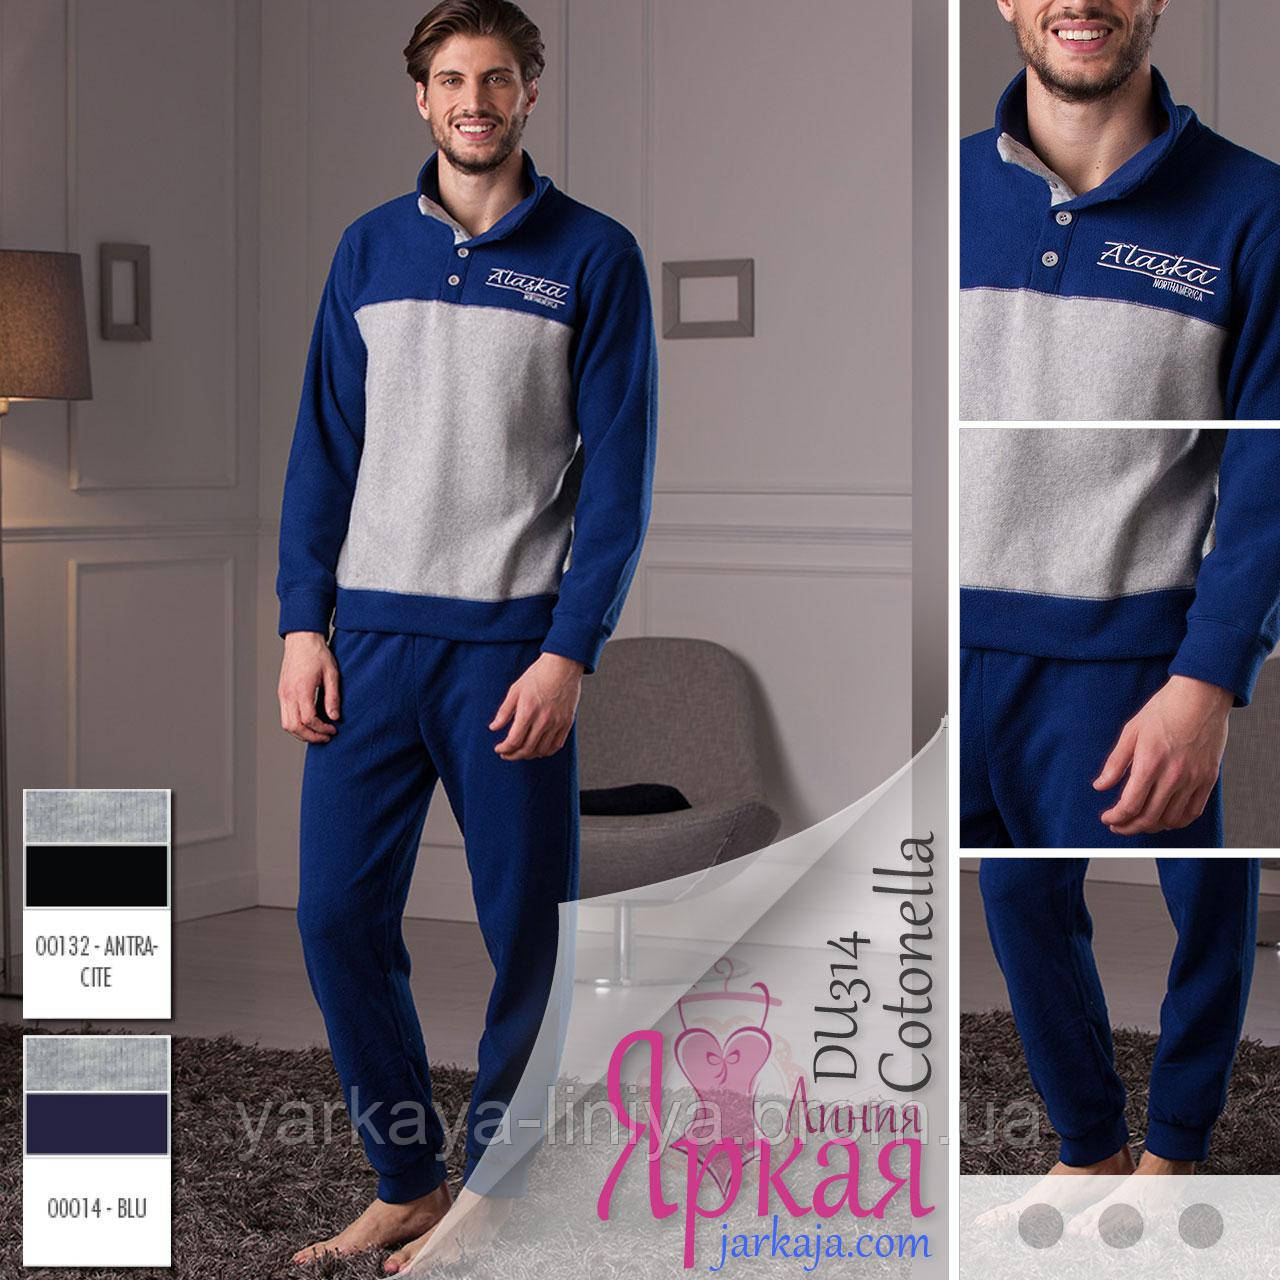 Пижама костюм мужская флис. Домашняя одежда для мужчин Cotonella™ - Товары  и услуги для c55e2c48e4d8e